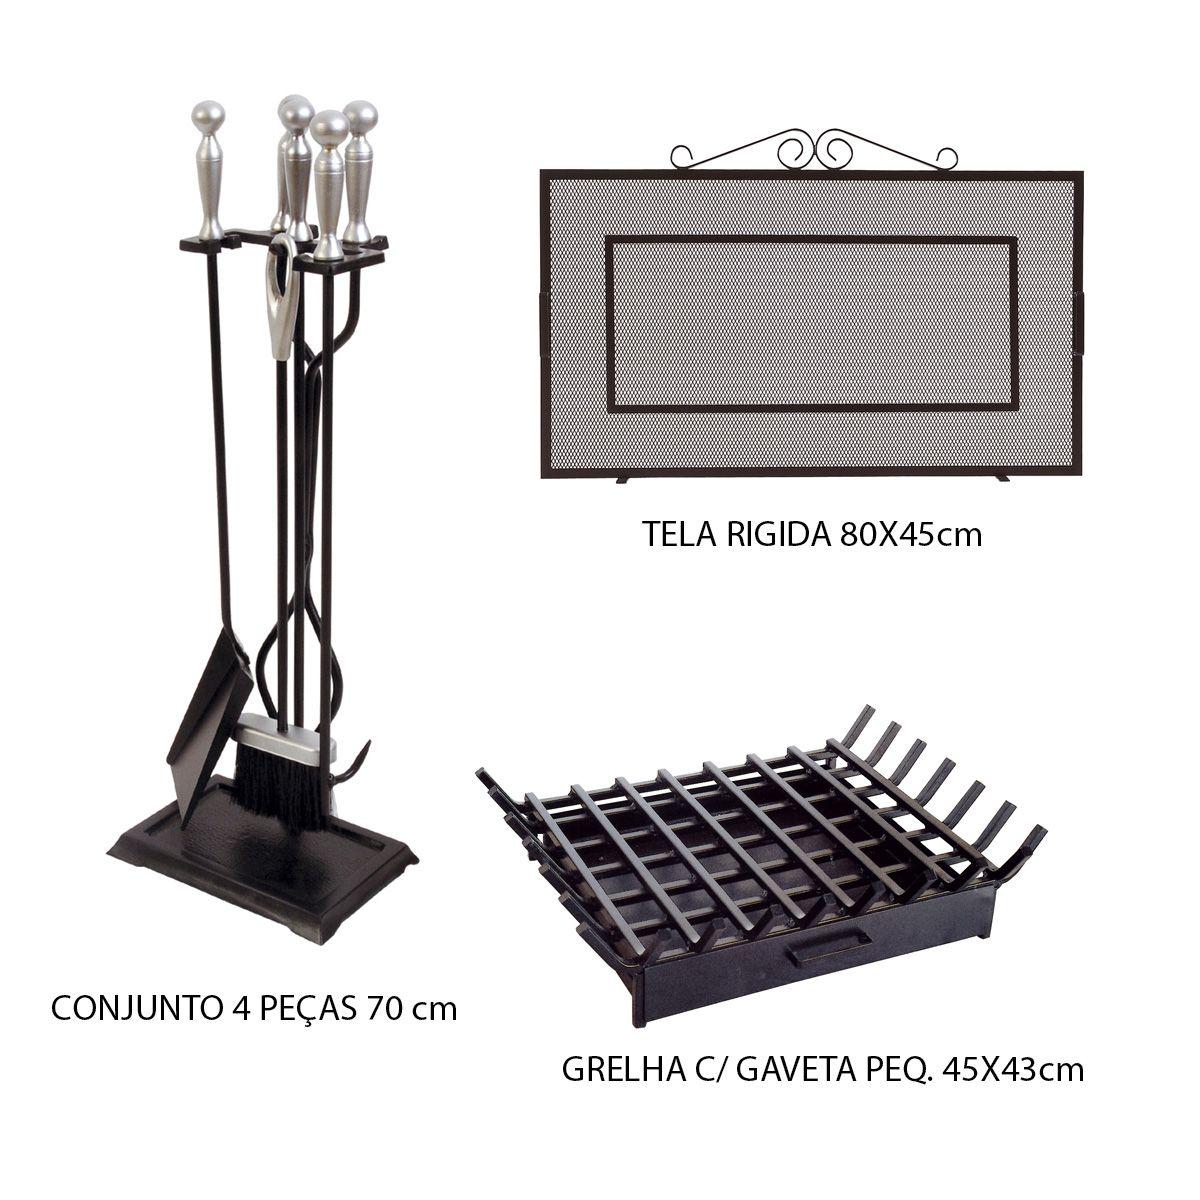 Kit Tela Lareira + Cj Limpeza Cabo Cromo + Grelha Pequena